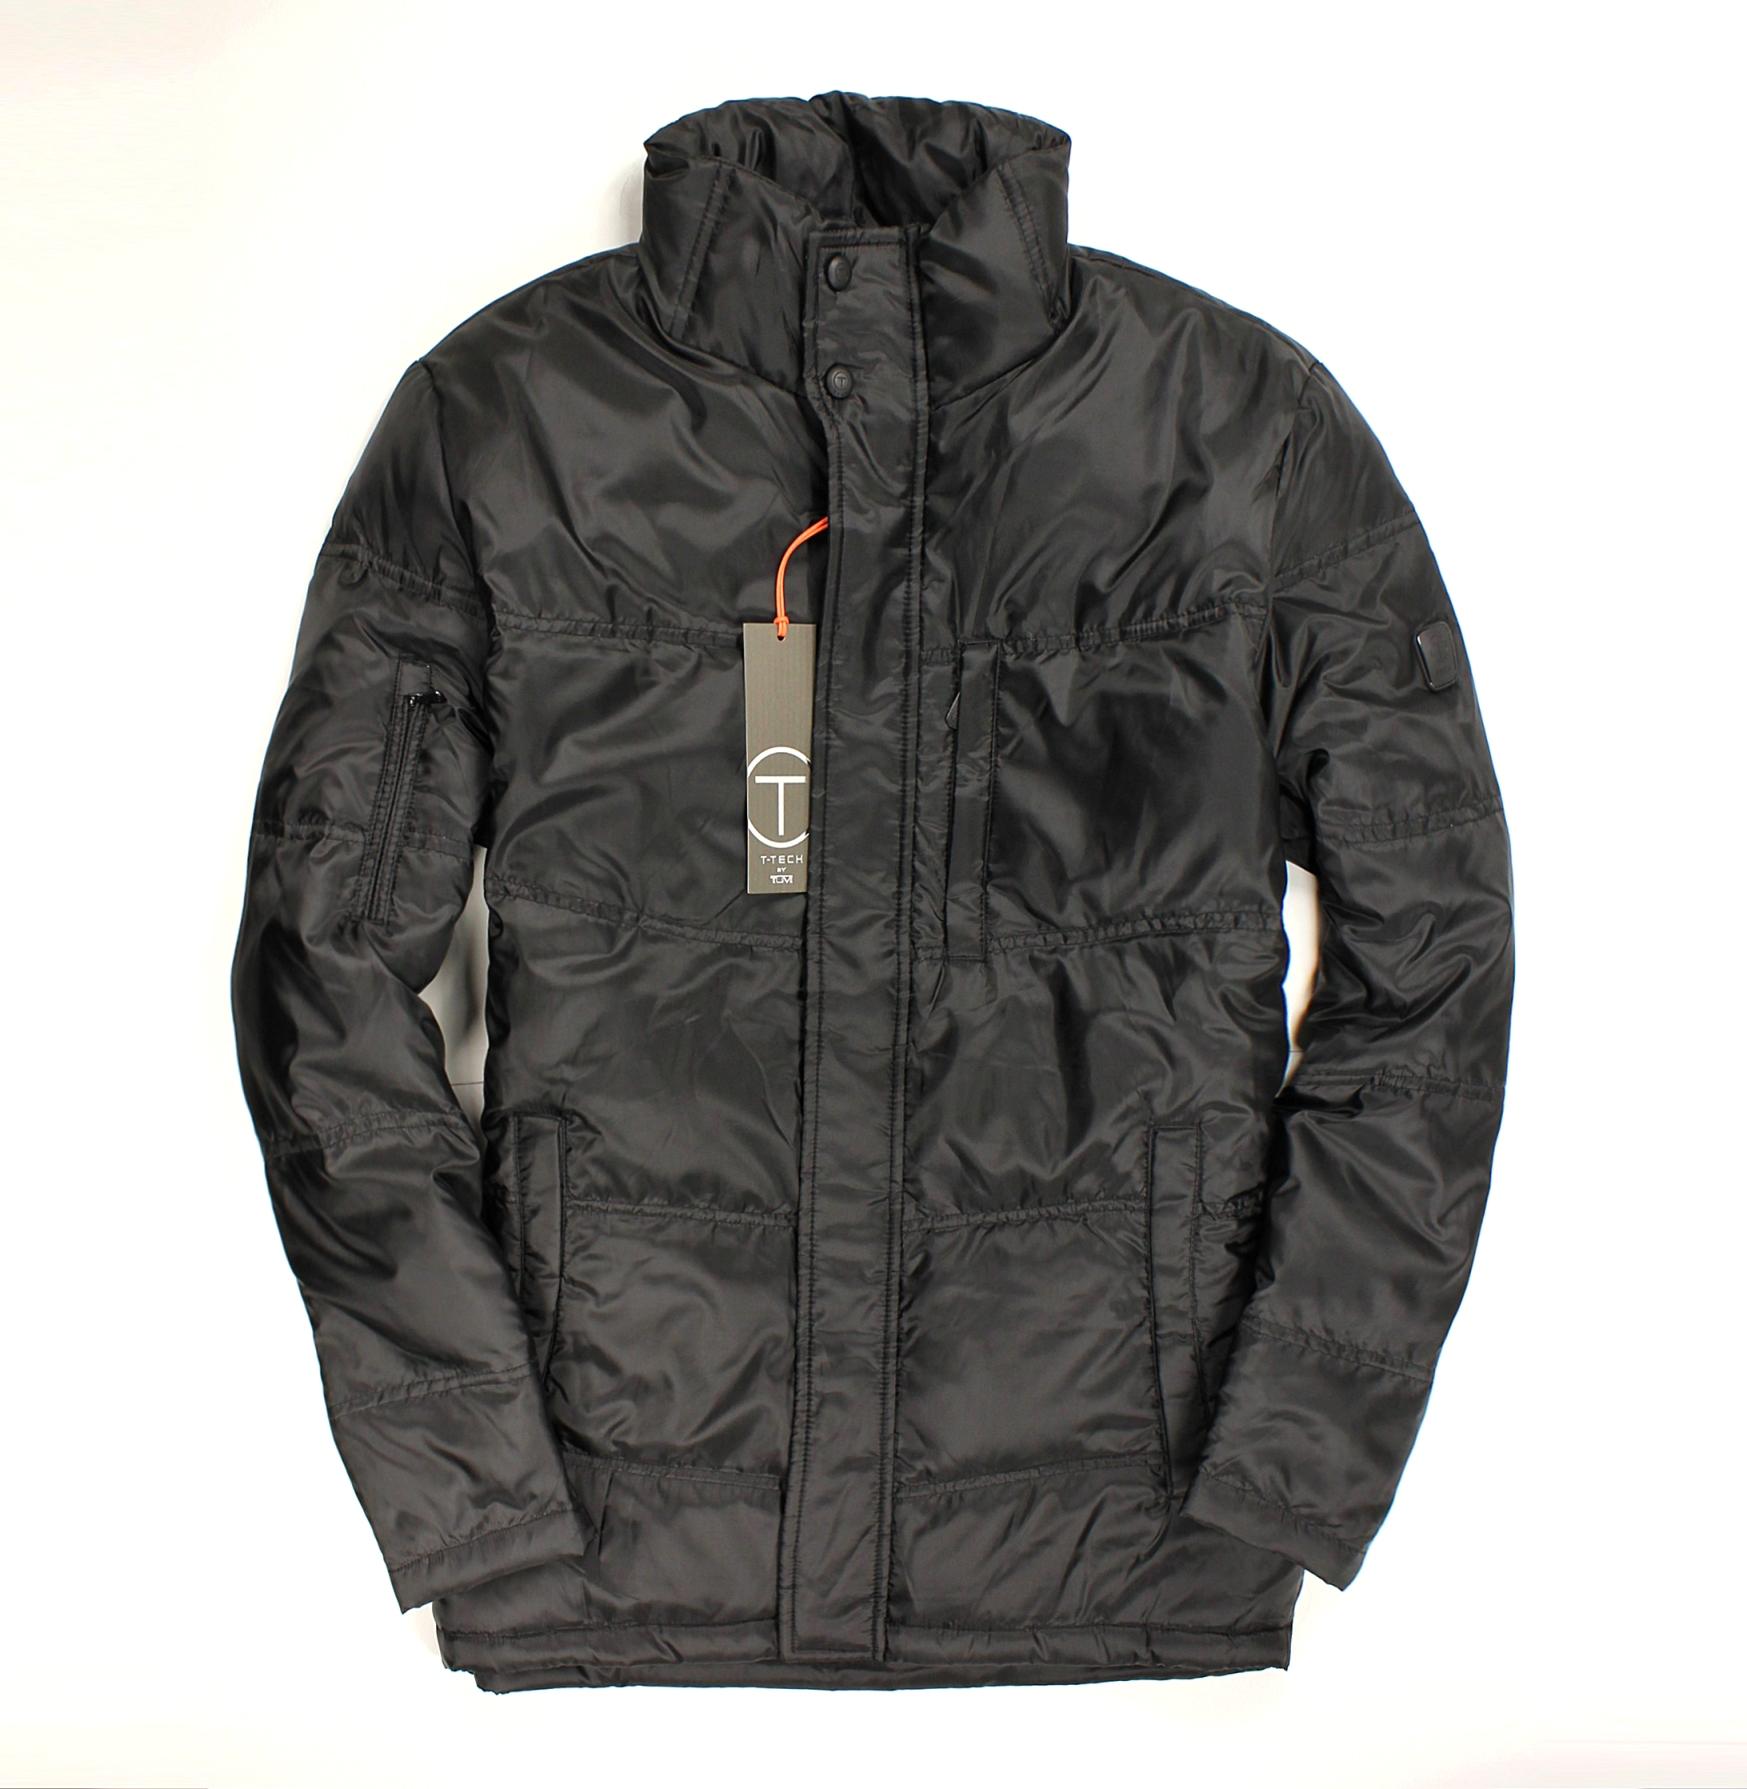 美國百分百【全新真品】Tumi 外套 T-tech 羽絨外套 夾克 立領 黑 保暖 厚 出國 滑雪 機能 男 S M號